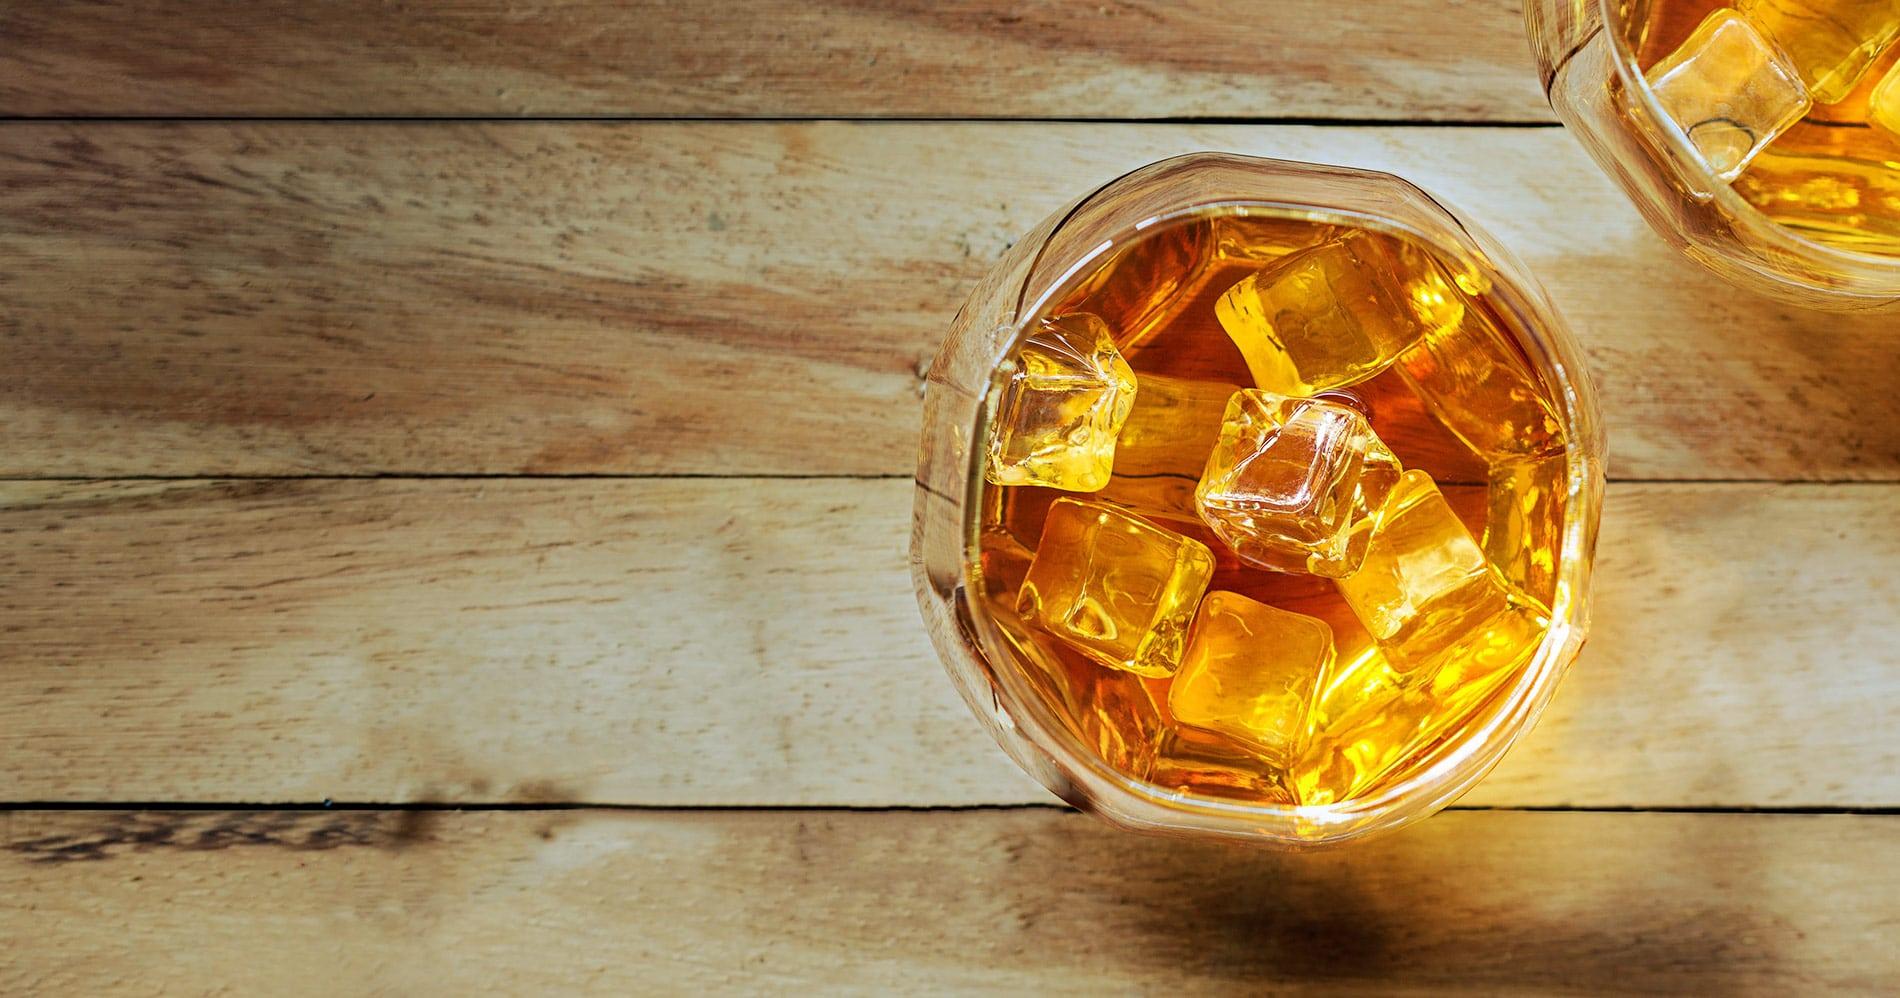 idee regalo per gli amanti del whiskey, del gin, del rum, della vodka, dei cocktail